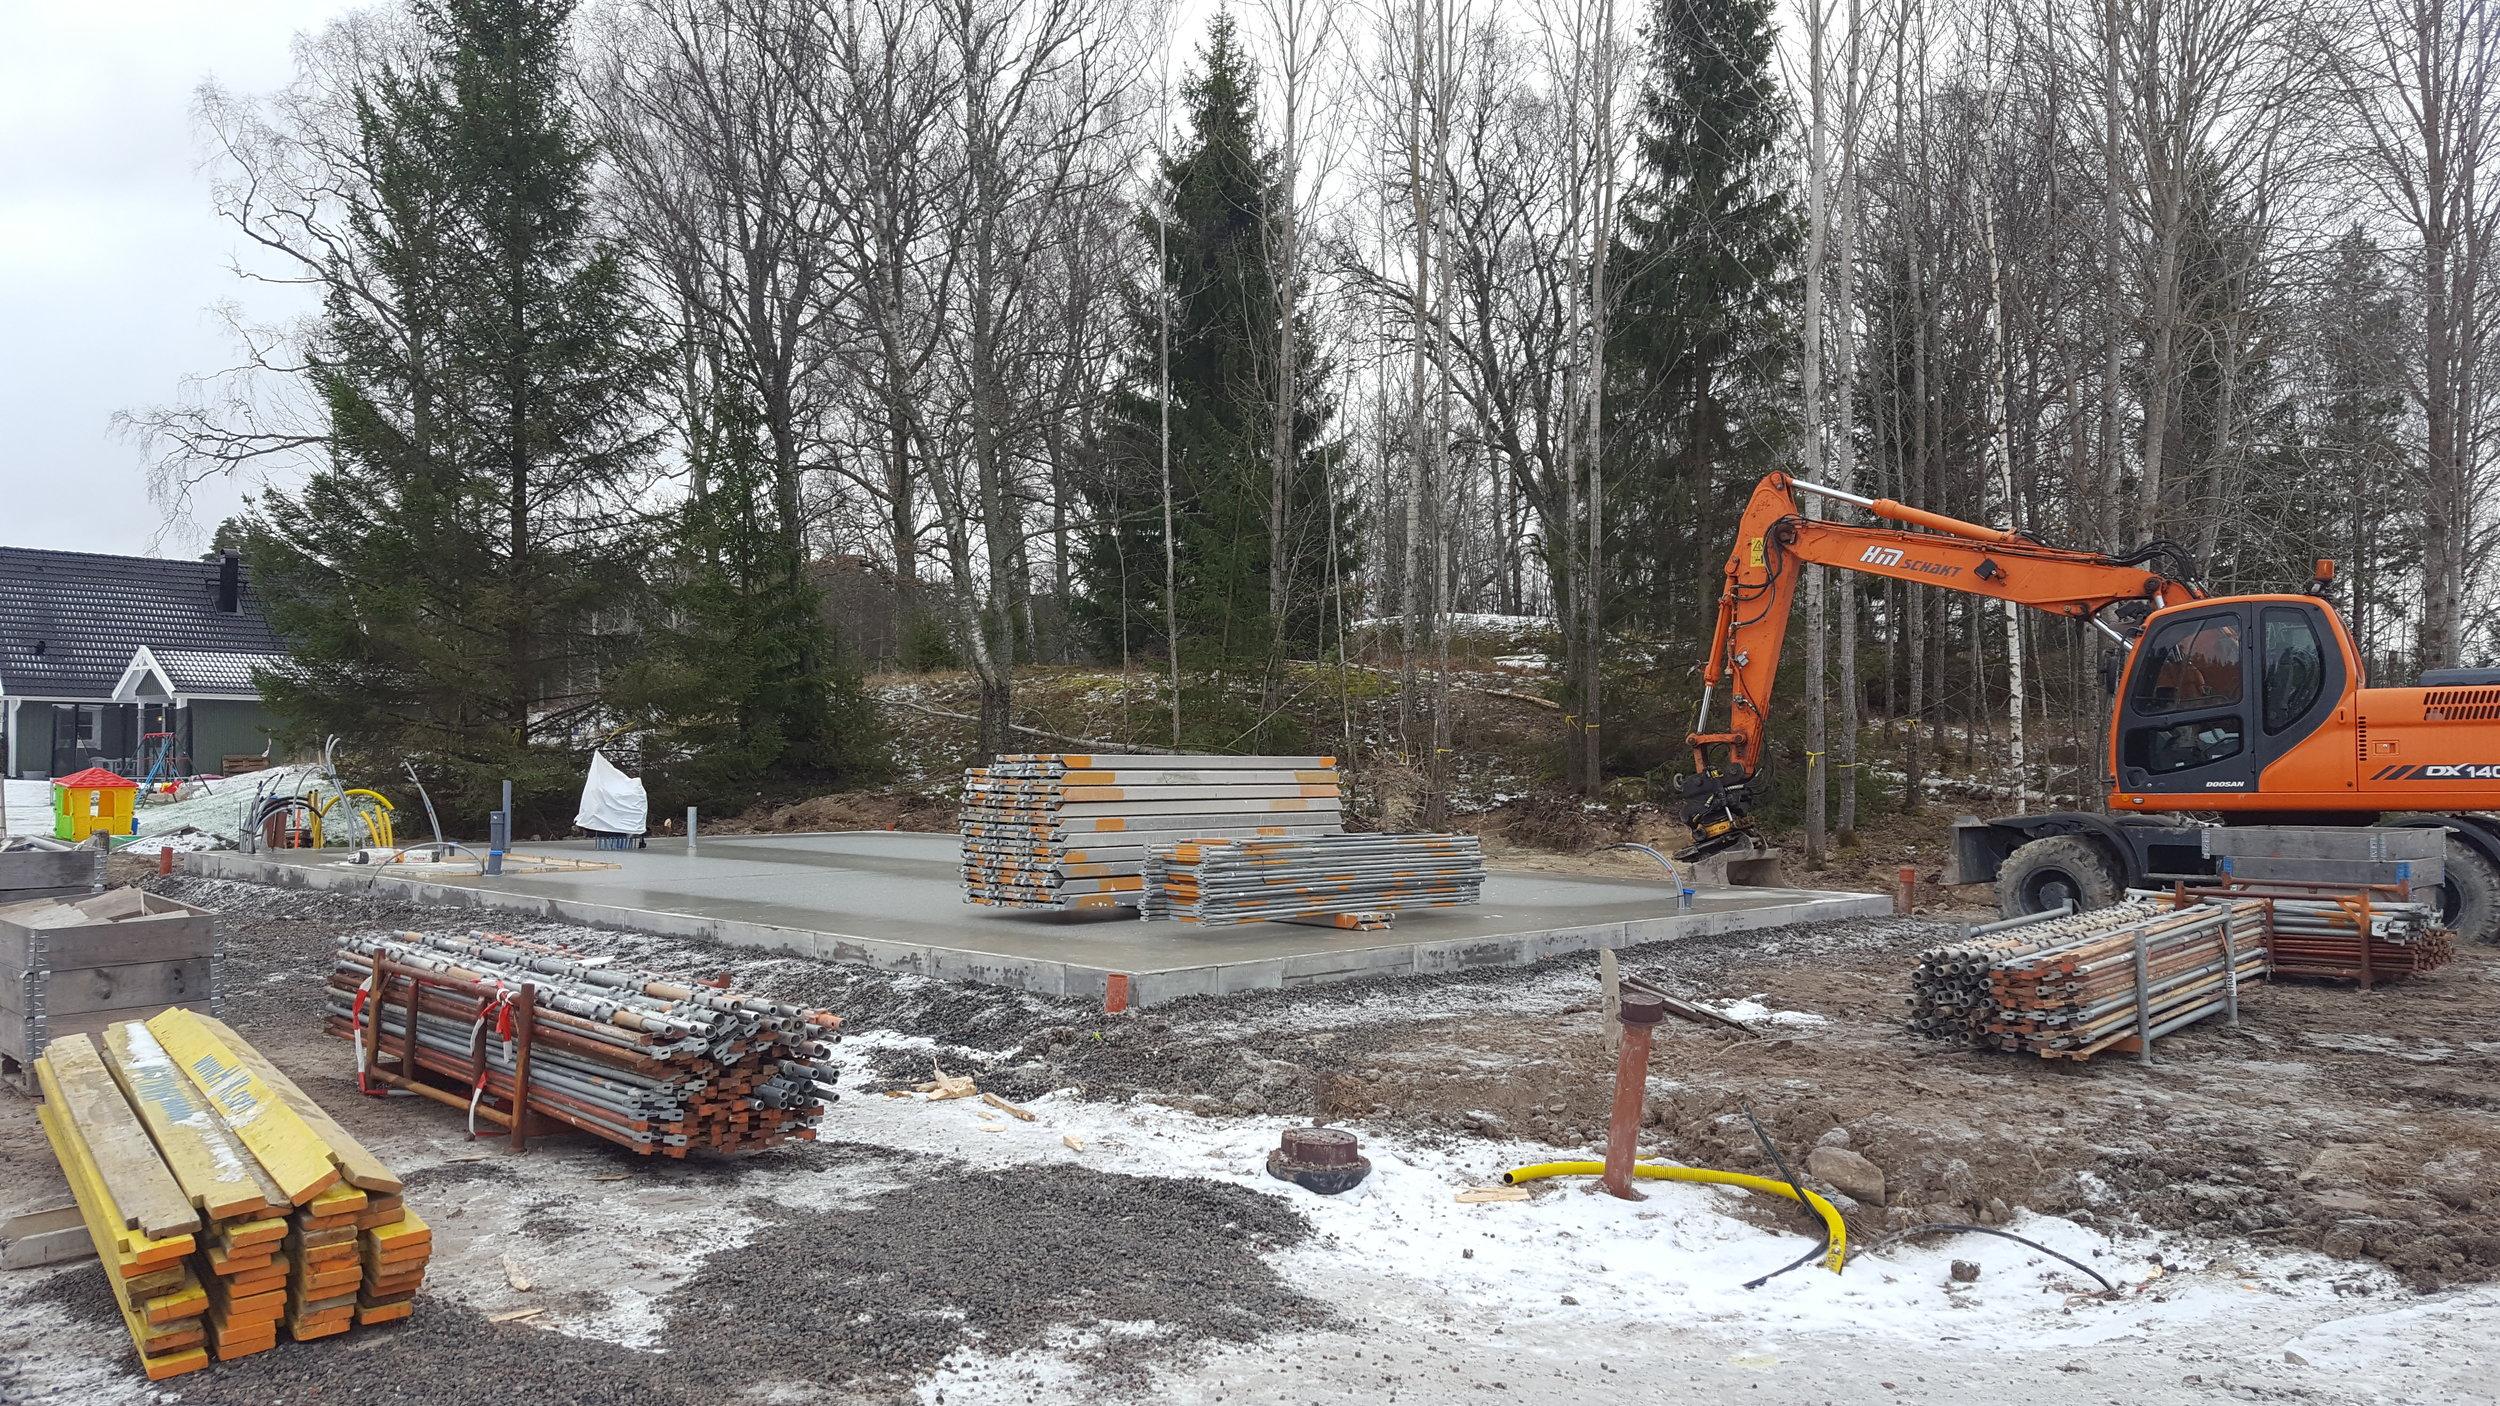 Byggställningen har kommit och en del träd har fällts.